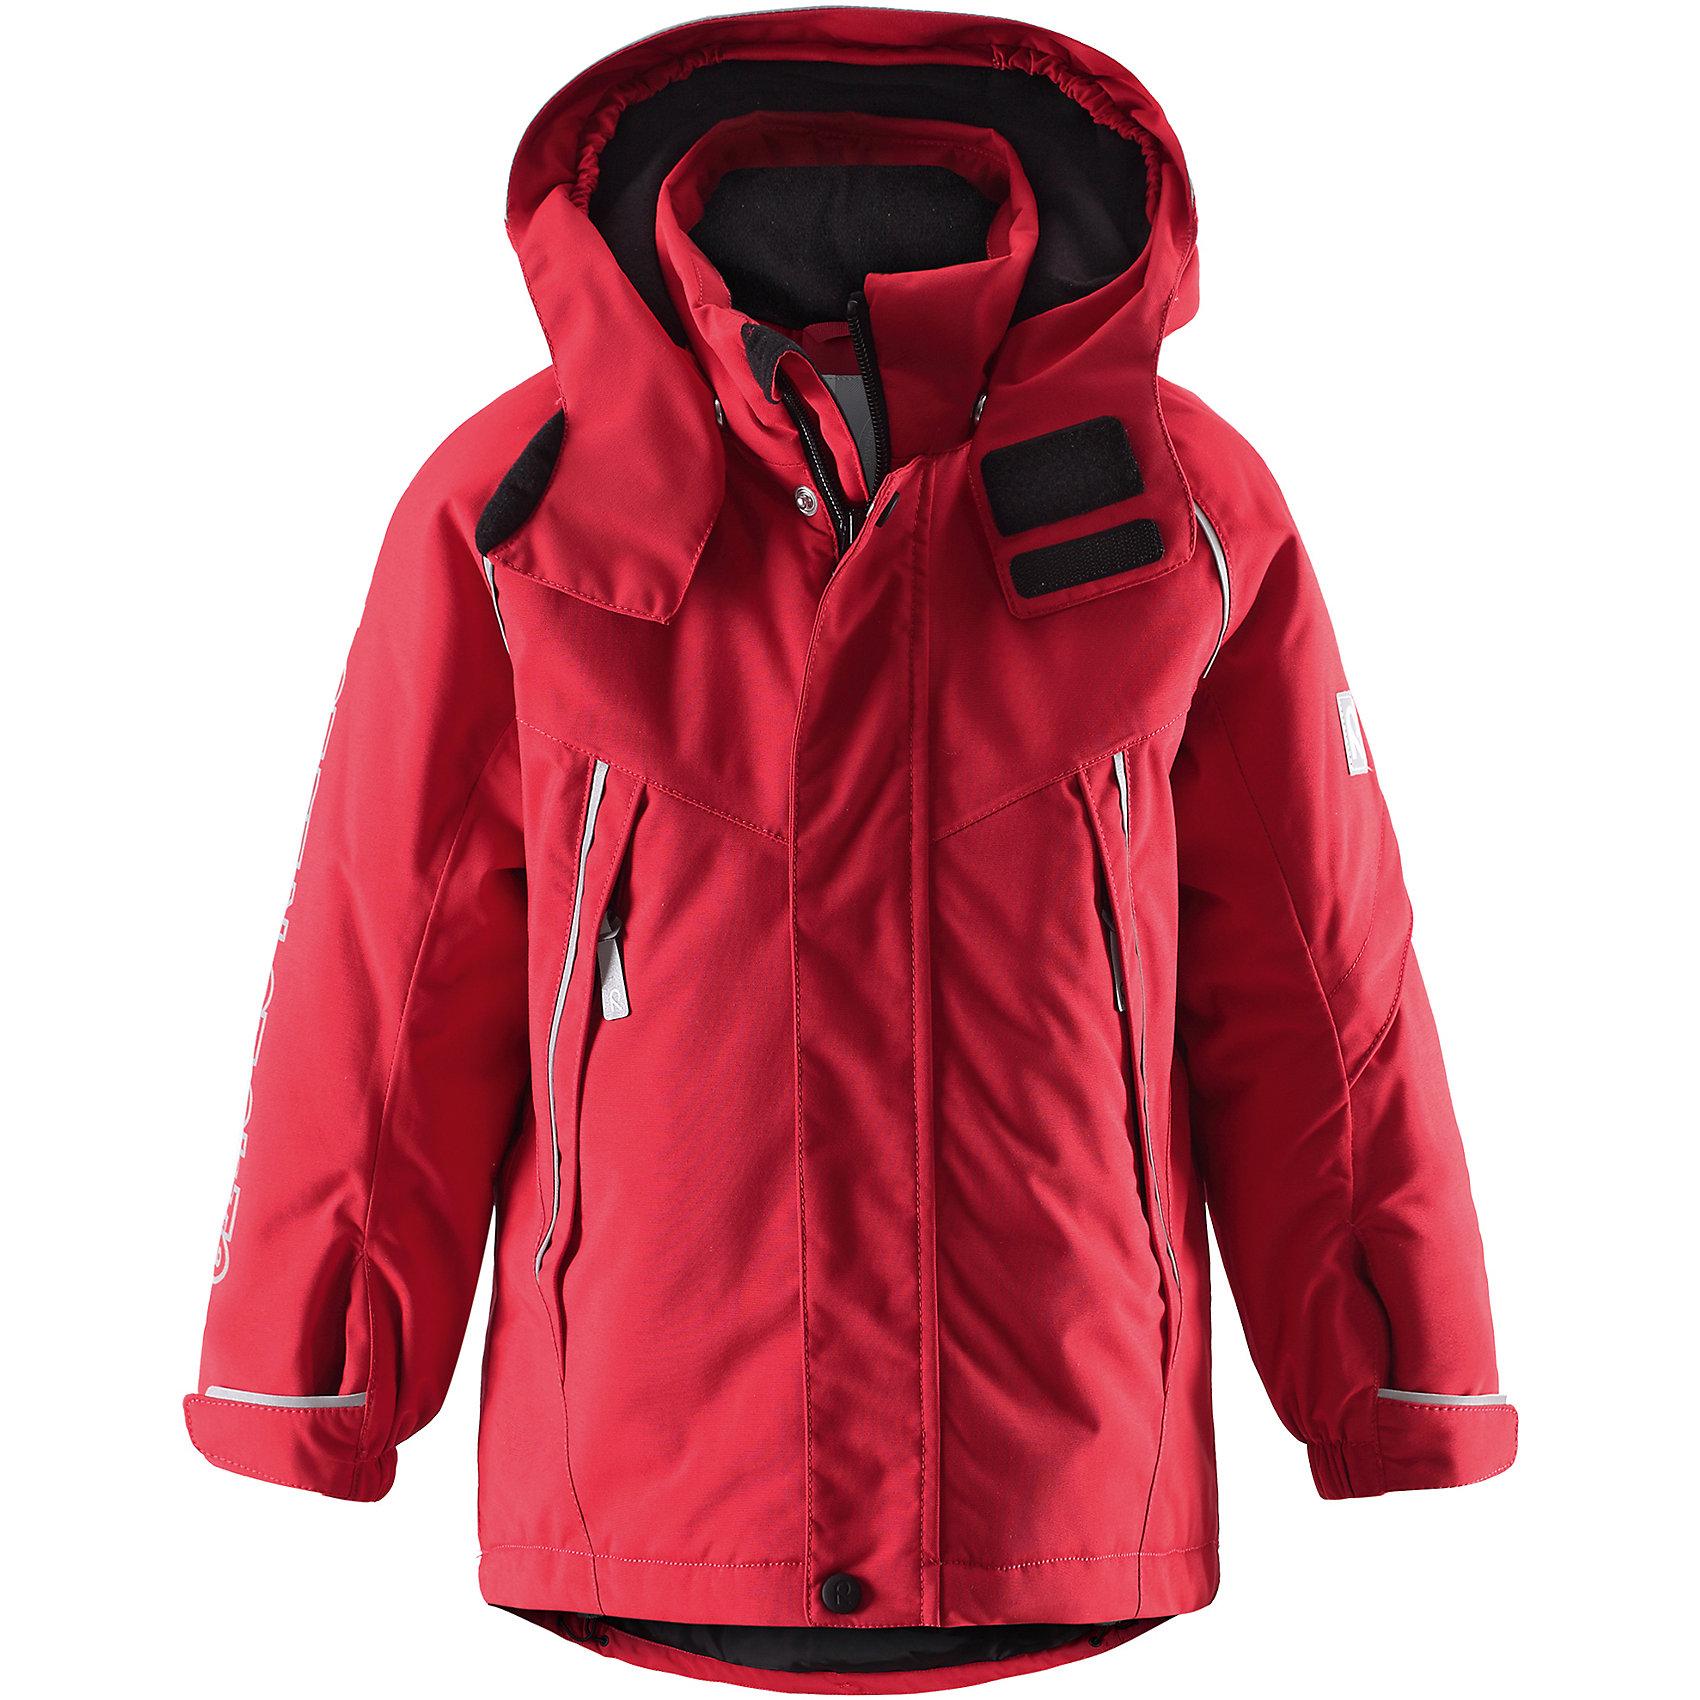 Куртка для мальчика Reimatec® ReimaЭта стильная функциональная зимняя куртка отлично смотрится как на склонах гор, так и в городе! Зимняя куртка Reimatec® (Рейматек) изготовлена ??из прочного водонепроницаемого материала и является must-have этой зимой. Ветронепроницаемый, но дышащий материал обеспечивает комфорт и не позволяет ребенку вспотеть во время продолжительного отдыха на открытом воздухе. Водо- и грязеотталкивающая поверхность и проклеенные швы предотвращают попадание воды и грязи. После стирки ее можно сушить в центрифуге! Гладкая подкладка из полиэстера позволяет легко надевать куртку. Обратите внимание, что куртка оснащена специальными кнопками Play Layers®, что позволяет пристегивать к ней промежуточный слой Reima® для дополнительного тепла и комфорта. На капюшоне имеется клапан, защищающий шею от ветра, и козырек, обеспечивающий видимость ребенка в темноте. Куртка регулируется на талии для хорошей посадки, манжеты регулируются с помощью липучки. Кроме карманов на молнии, на куртке имеется внутренний нагрудный карман и карман на рукаве для хранения карточки лыжного клуба. Видимость после захода солнца обеспечивается множеством светоотражающих принтов на рукаве, на котором указан адрес завода Reima. Проста в уходе, можно сушить в центрифуге.<br><br>Дополнительная информация:<br><br>Водонепроницаемая зимняя куртка для детей постарше, модель для мальчиков<br>Все швы проклеены, водонепроницаемы<br>Безопасный съемный капюшон со светоотражающим козырьком<br>На рукаве карман для карты лыжного клубы                                                                                             Два кармана на молнии<br>Подол регулируется<br>Безопасные светоотражающие детали<br>Состав:<br>100% ПА, ПУ-покрытие<br>Средняя степень утепления (до - 20)<br>Утеплитель: 160 г<br><br>Куртку для мальчика Reimatec® (Рейматек) Reima (Рейма) можно купить в нашем магазине.<br><br>Ширина мм: 356<br>Глубина мм: 10<br>Высота мм: 245<br>Вес г: 519<br>Цвет: красный<br>Возраст от месяце